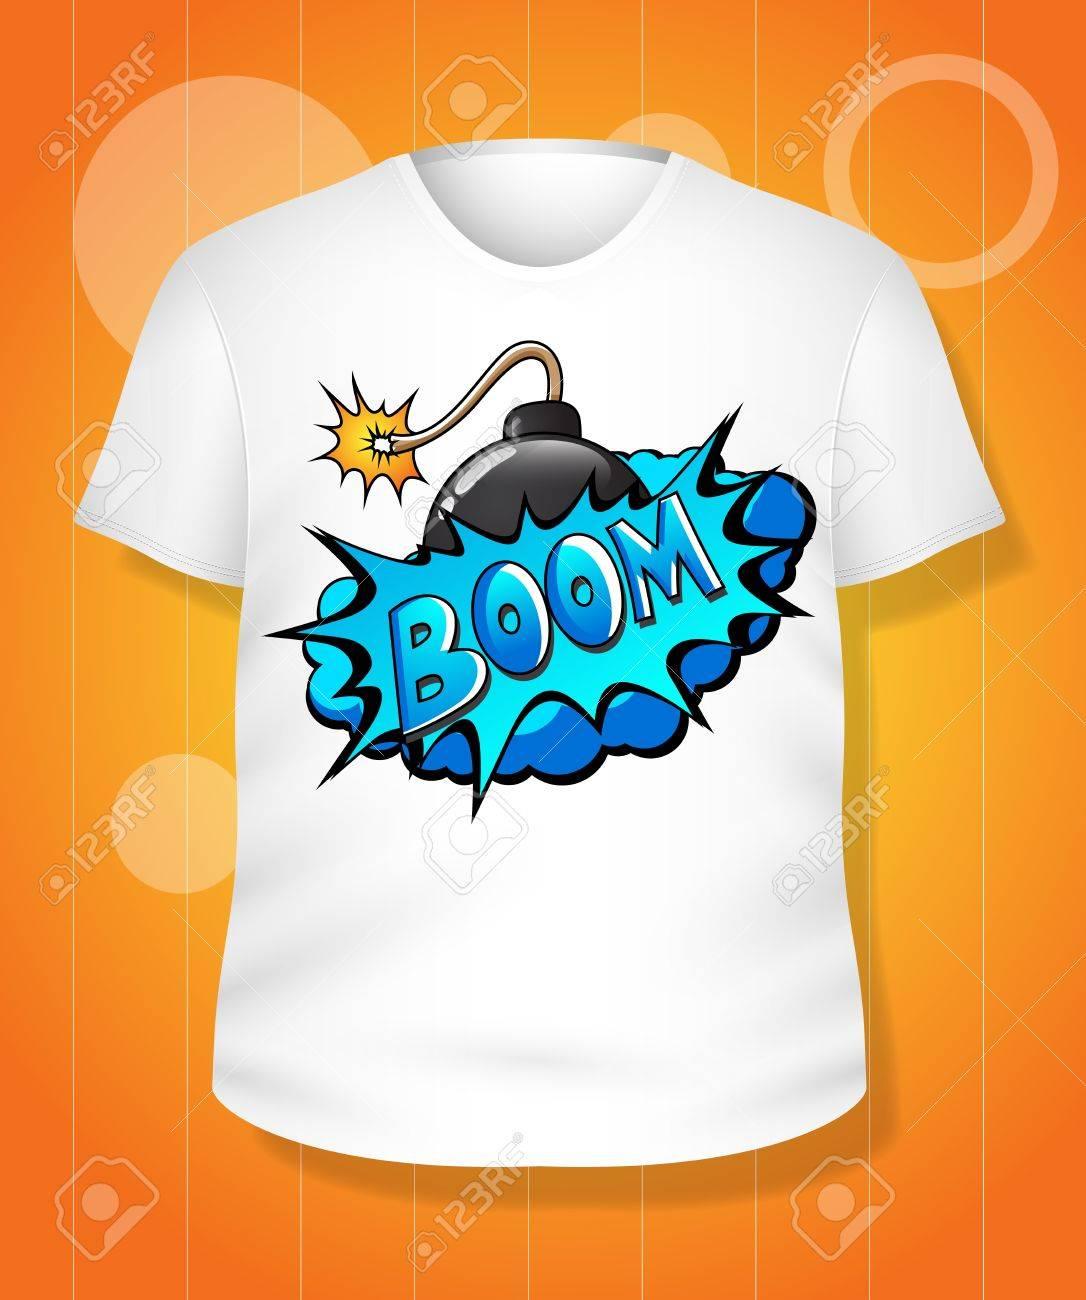 Shirt design illustrator template - Funny White T Shirt Design Illustration Template Stock Vector 19419817